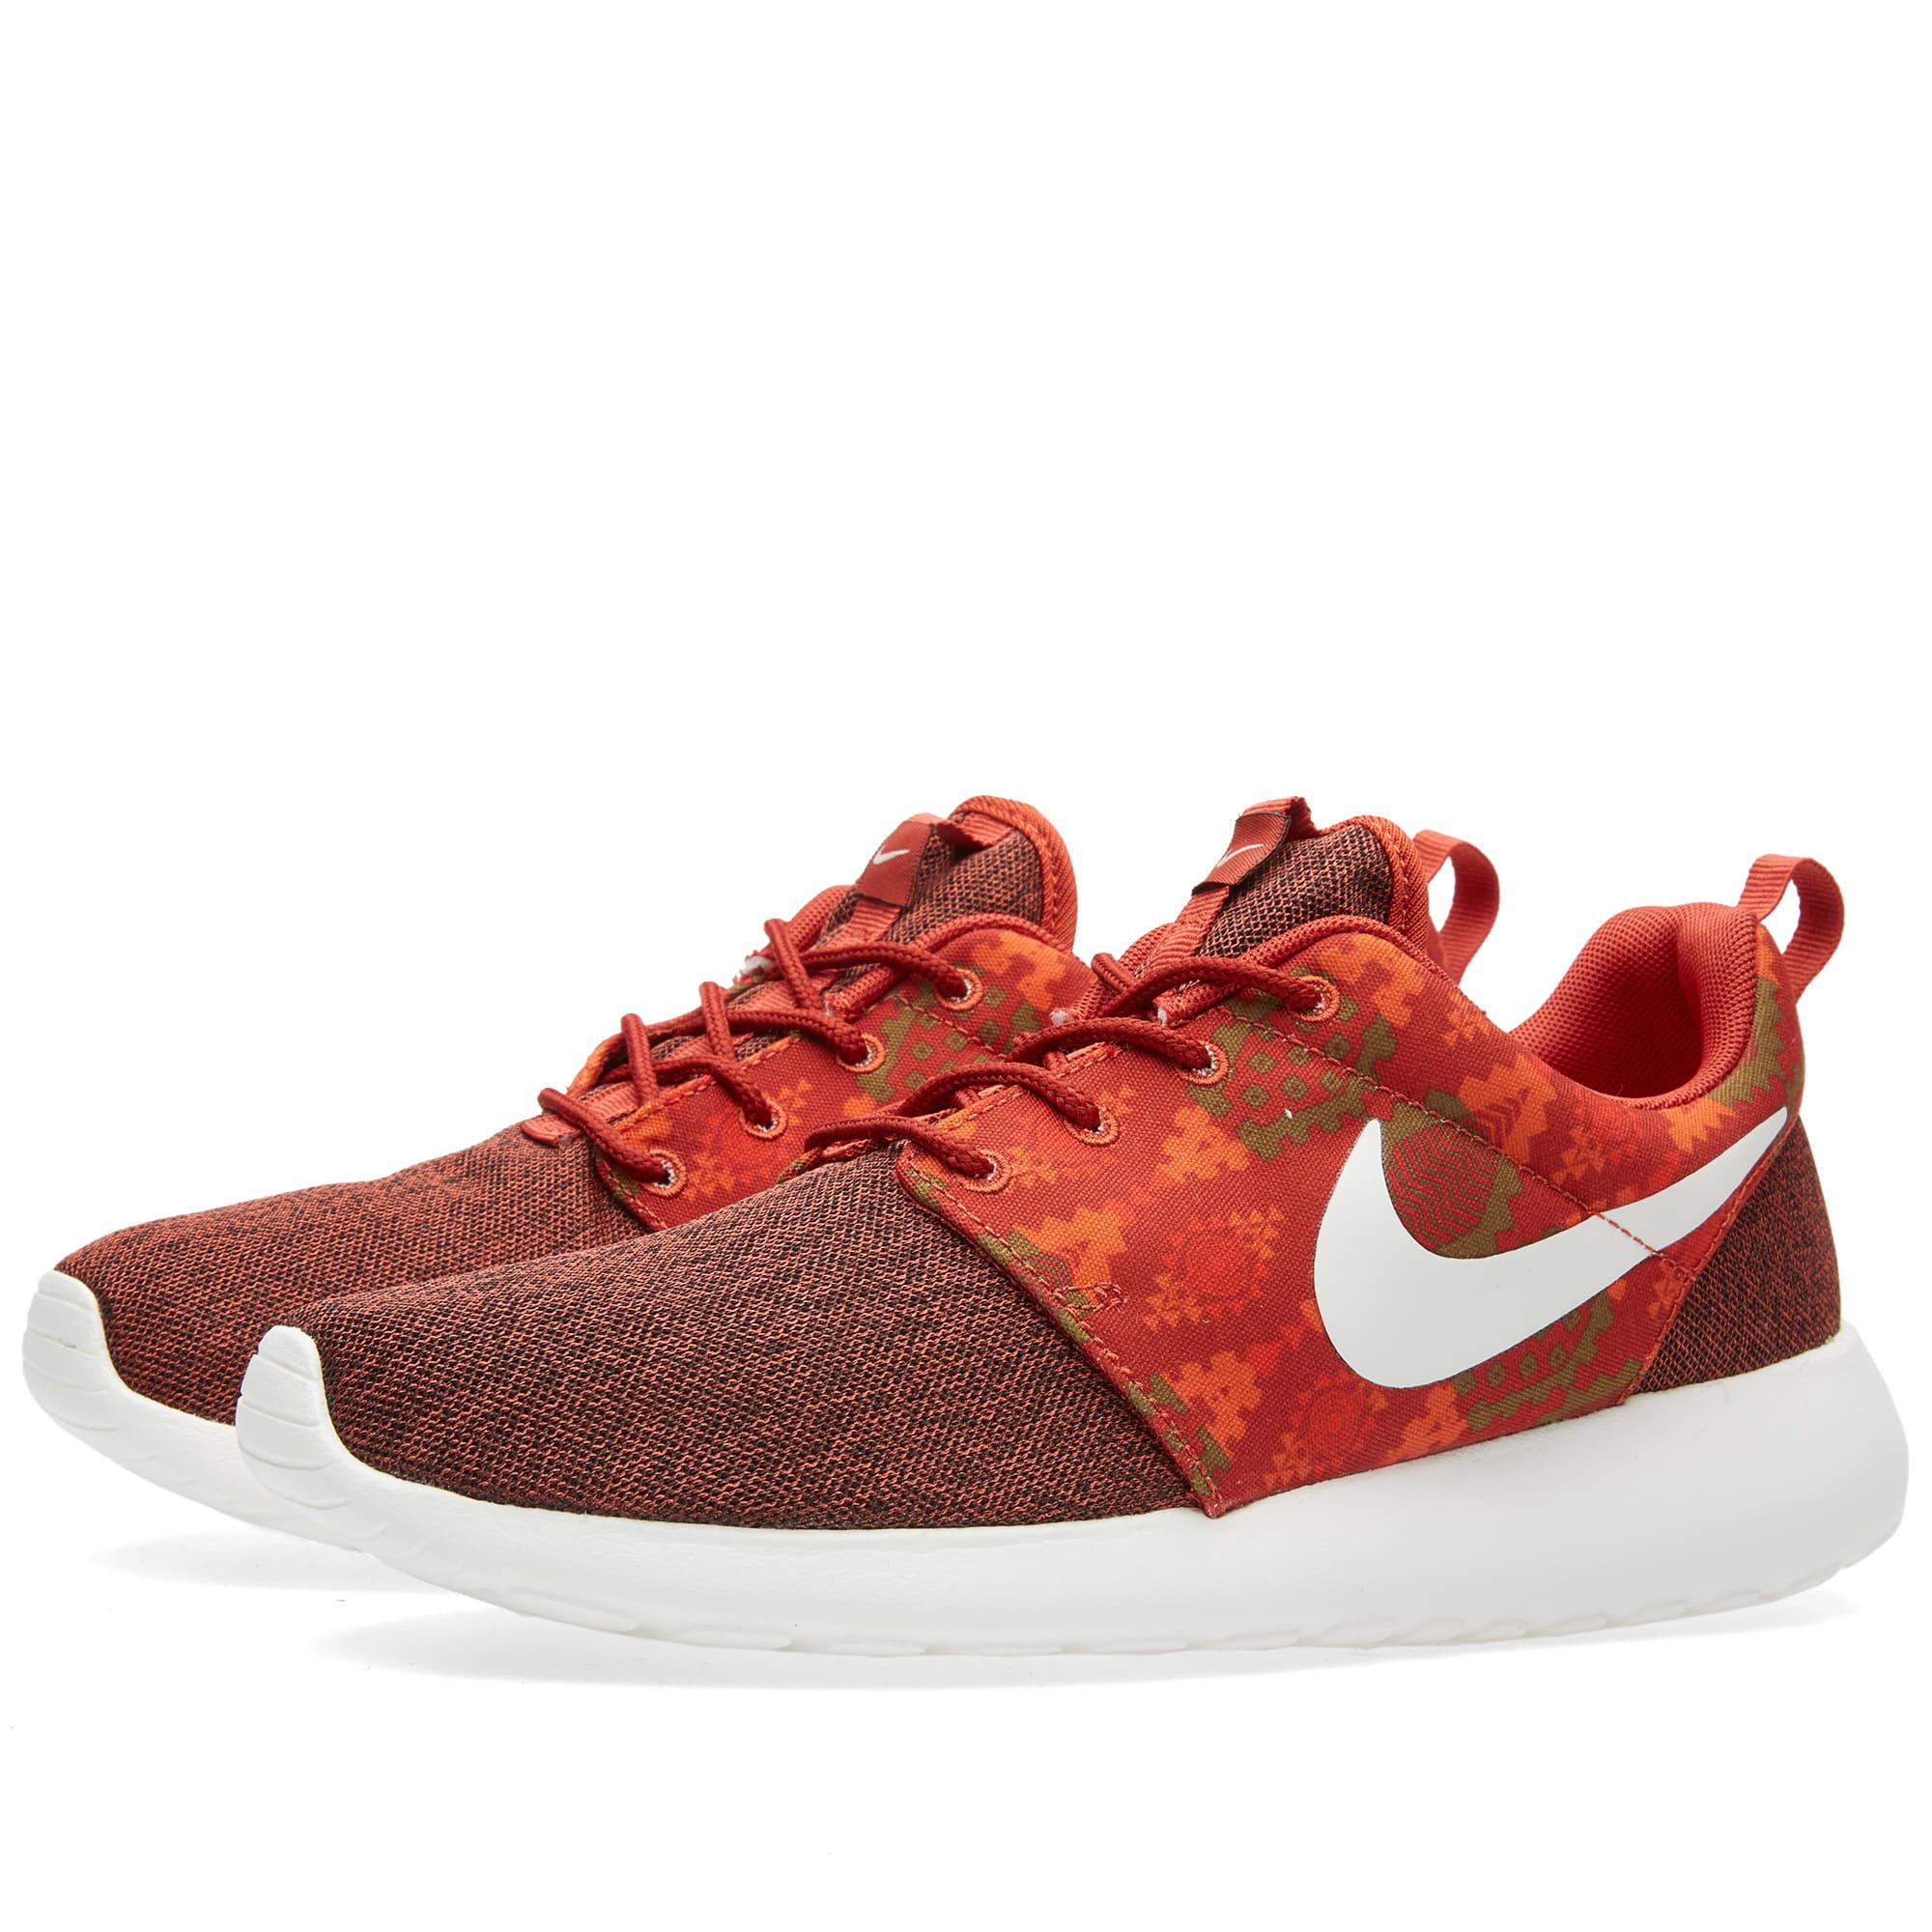 new styles 426b2 4ddcc Nike Roshe One Print